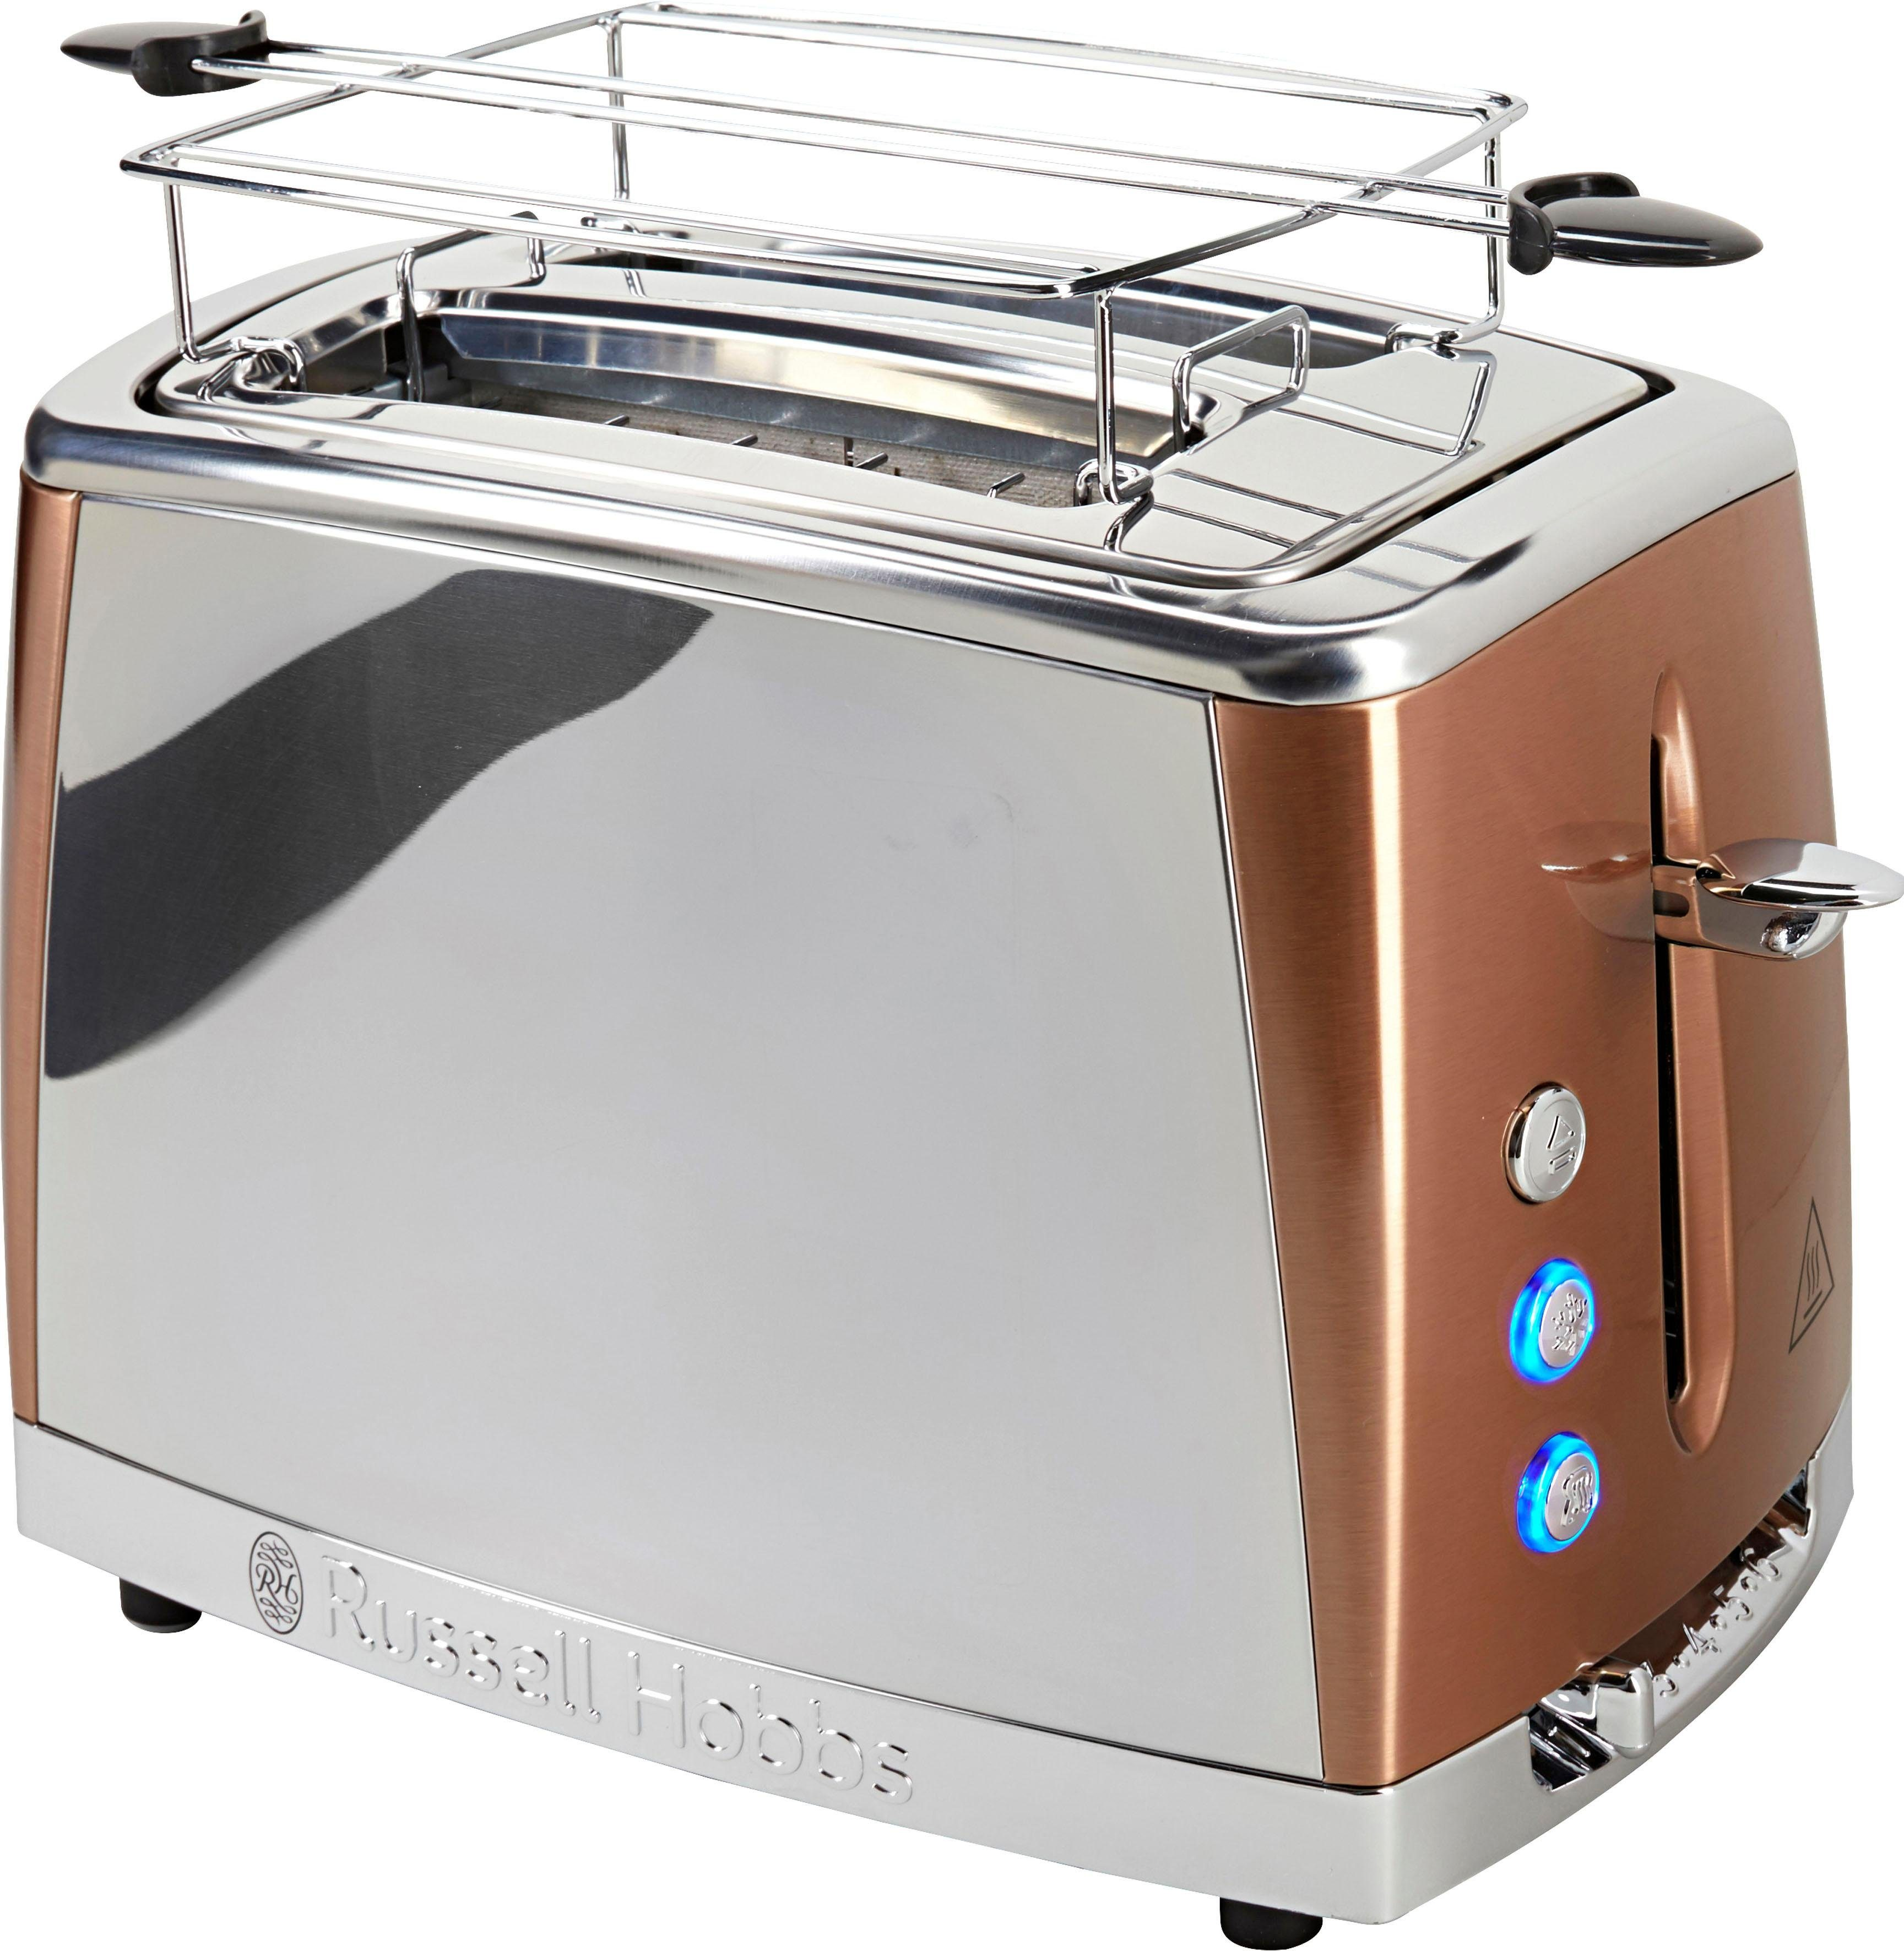 RUSSELL HOBBS Toaster Russell Hobbs Luna Copper Accents 24290-56, 2 lange Schlitze, für 2 Scheiben, 1550 W